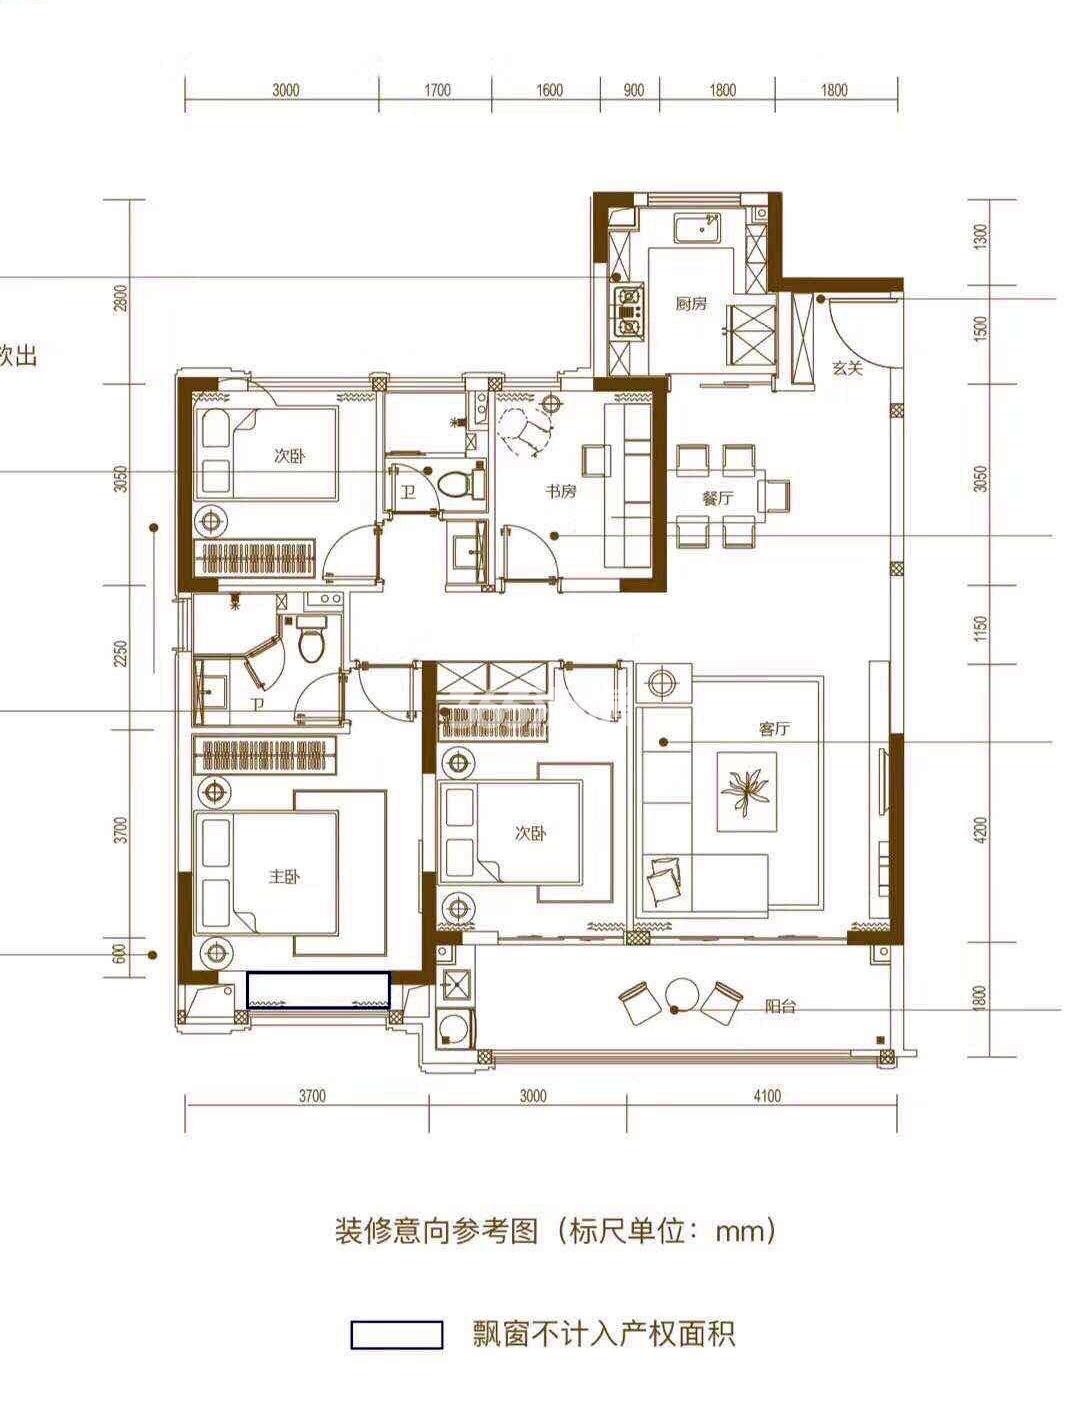 禹洲绿城蘭园小高层136㎡户型图